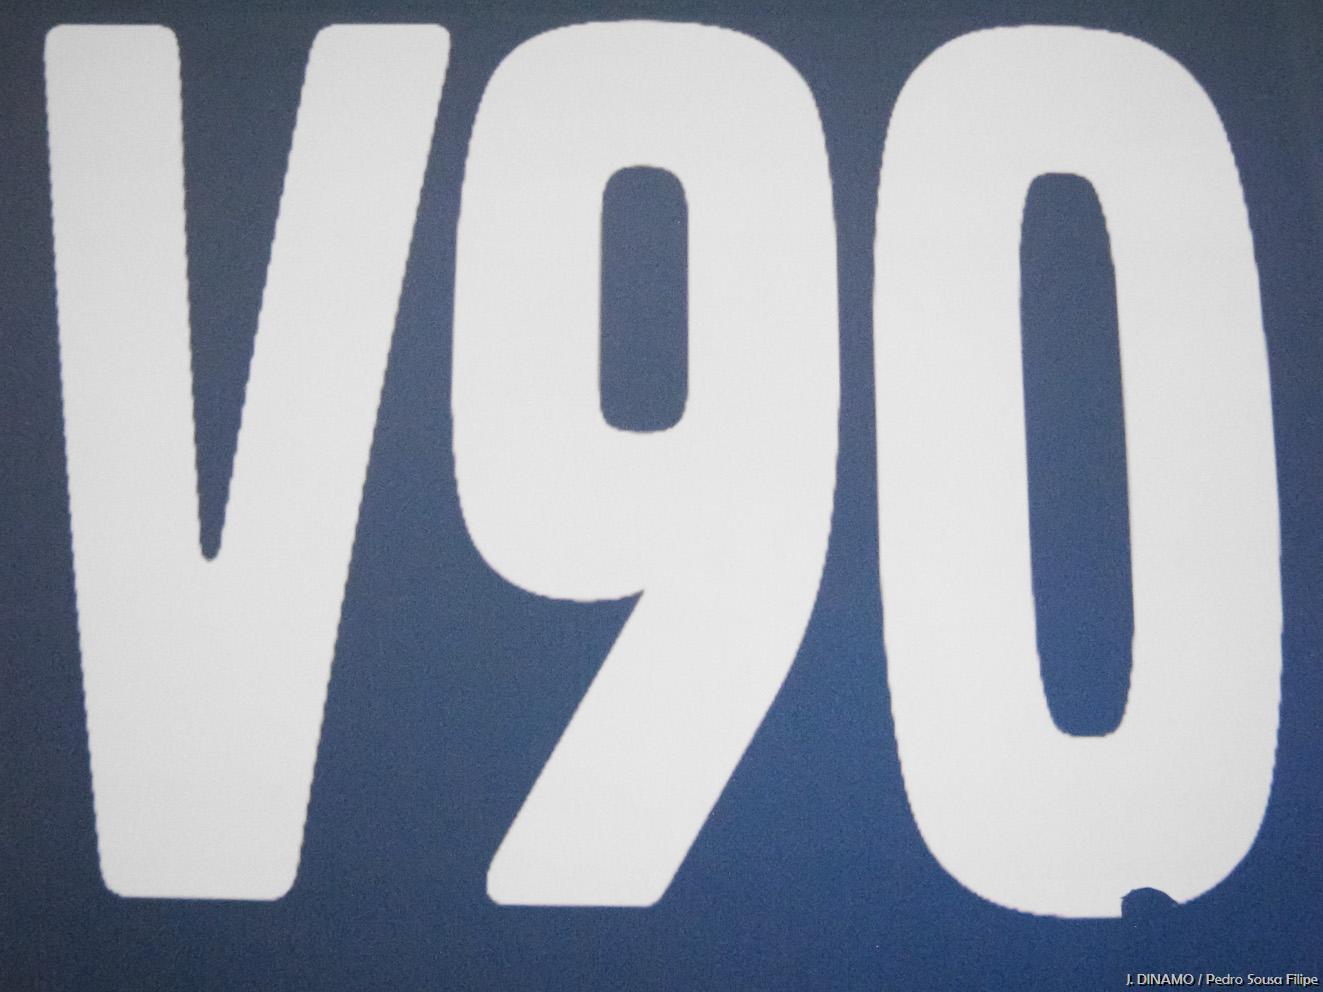 VolvoS90-V90_PSF_065